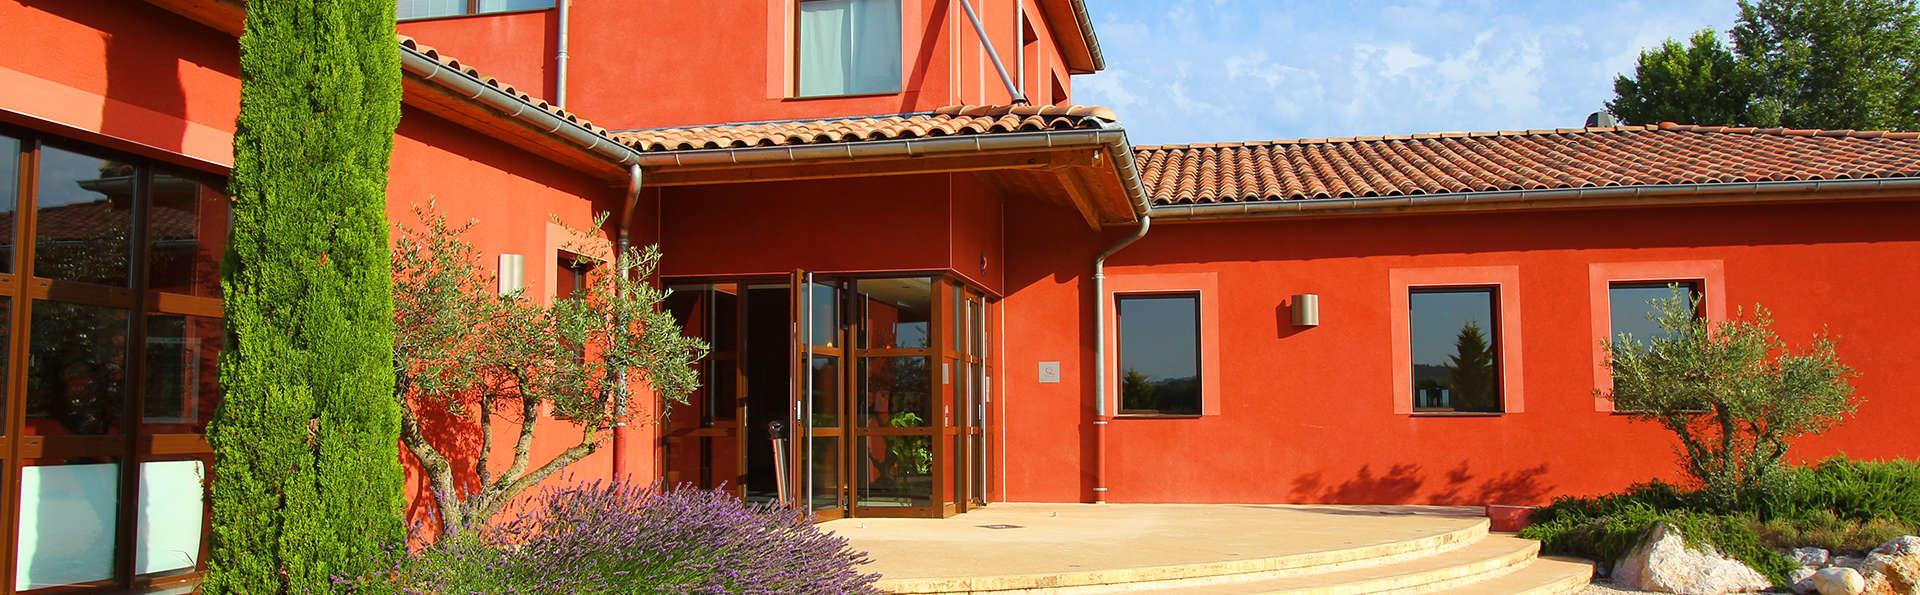 Vacancéole - Résidence Le Domaine du Lac - Edit_Le-Domaine-du-Lac_front.jpg